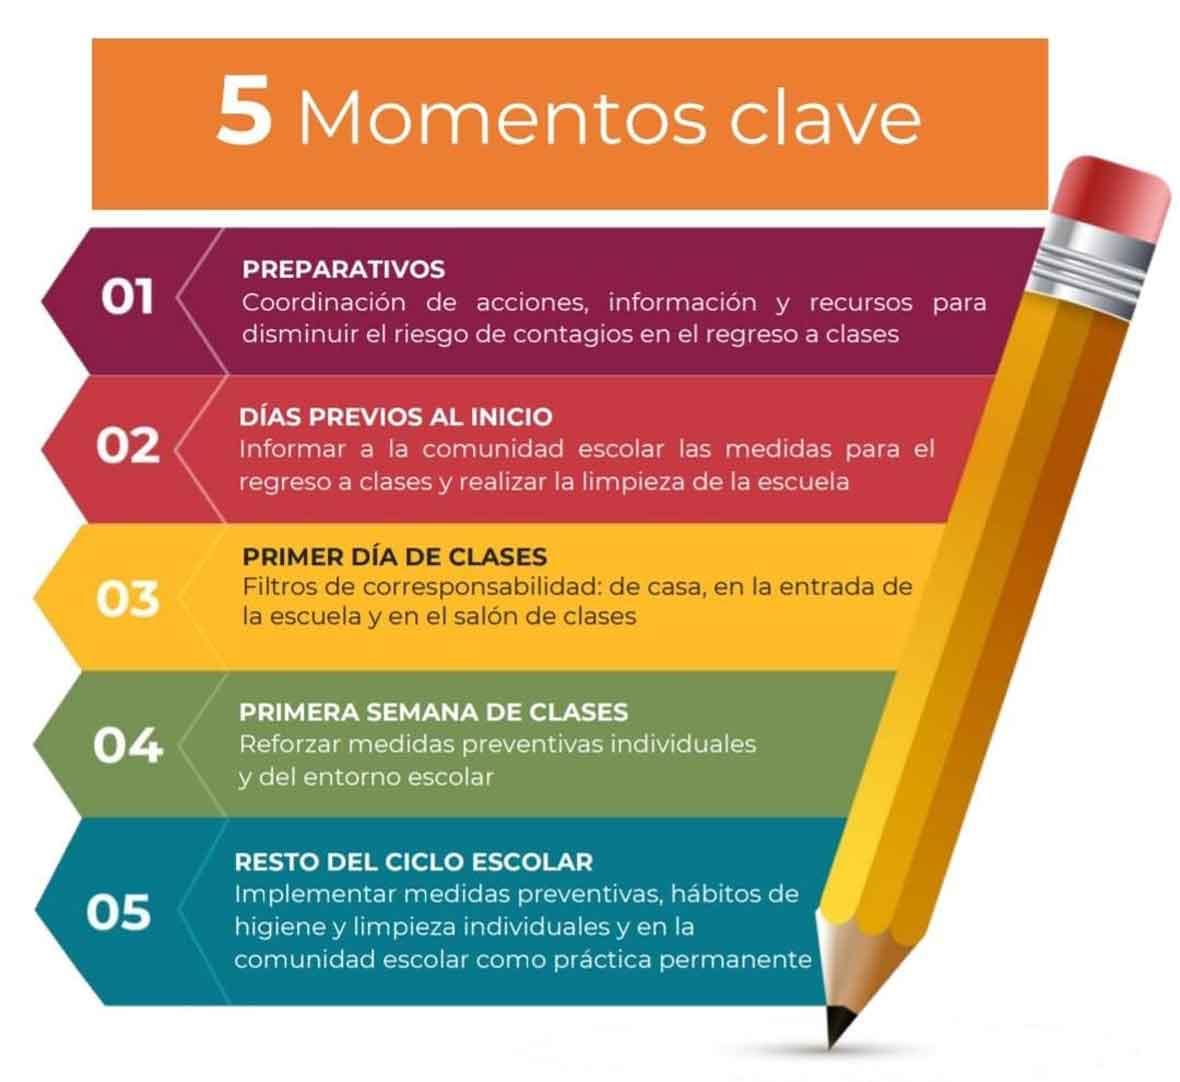 lineamientos 5 momentos para el regreso a clases Ciclo escolar 2021-2022